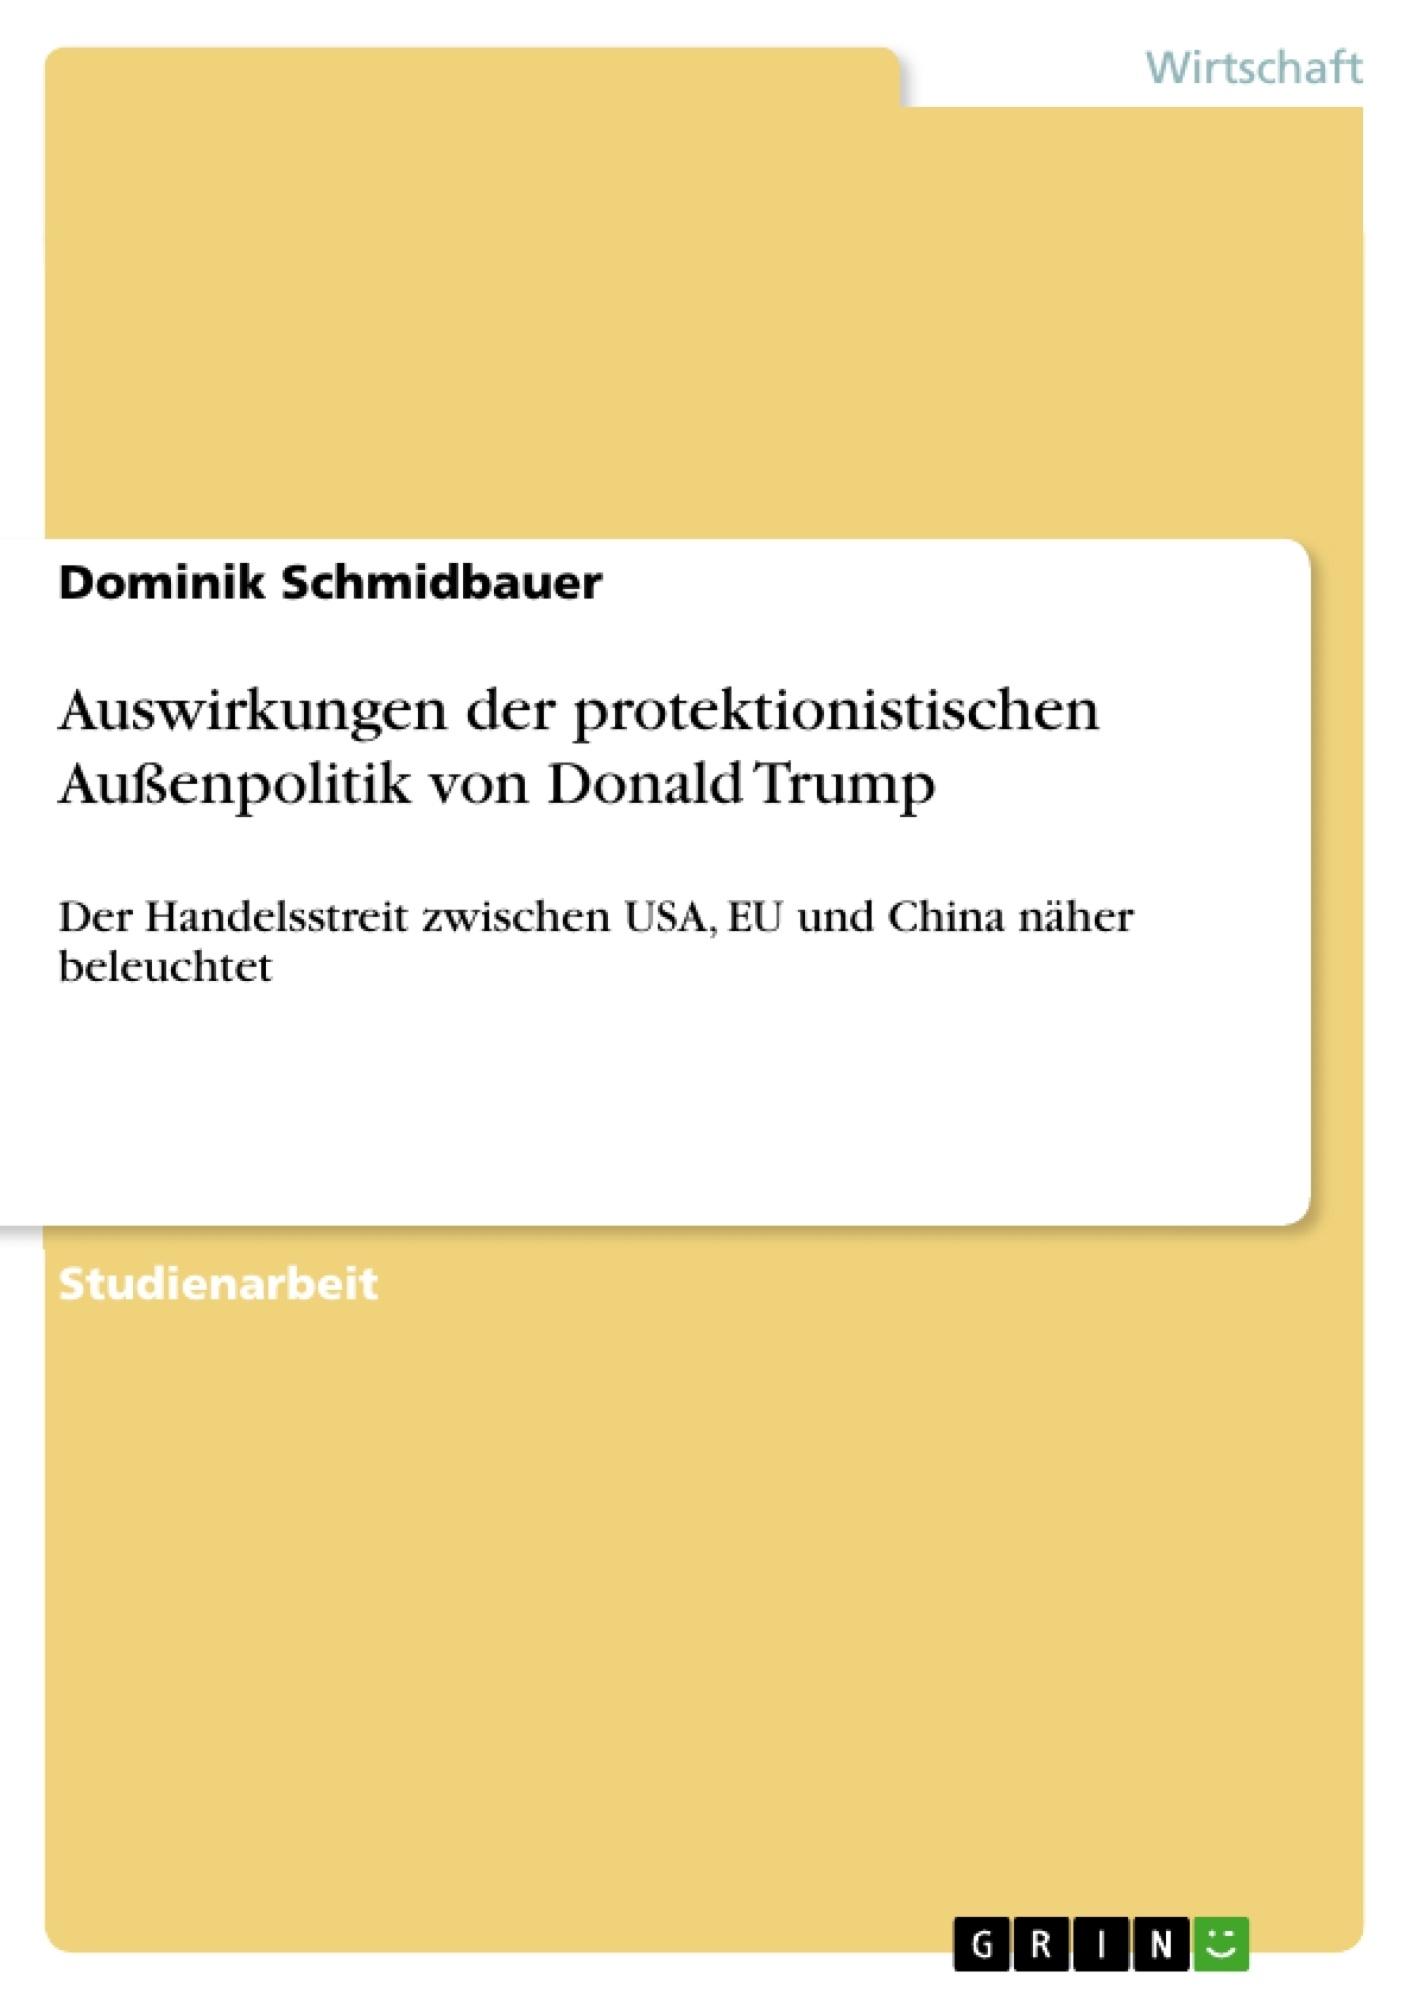 Titel: Auswirkungen der protektionistischen Außenpolitik von Donald Trump